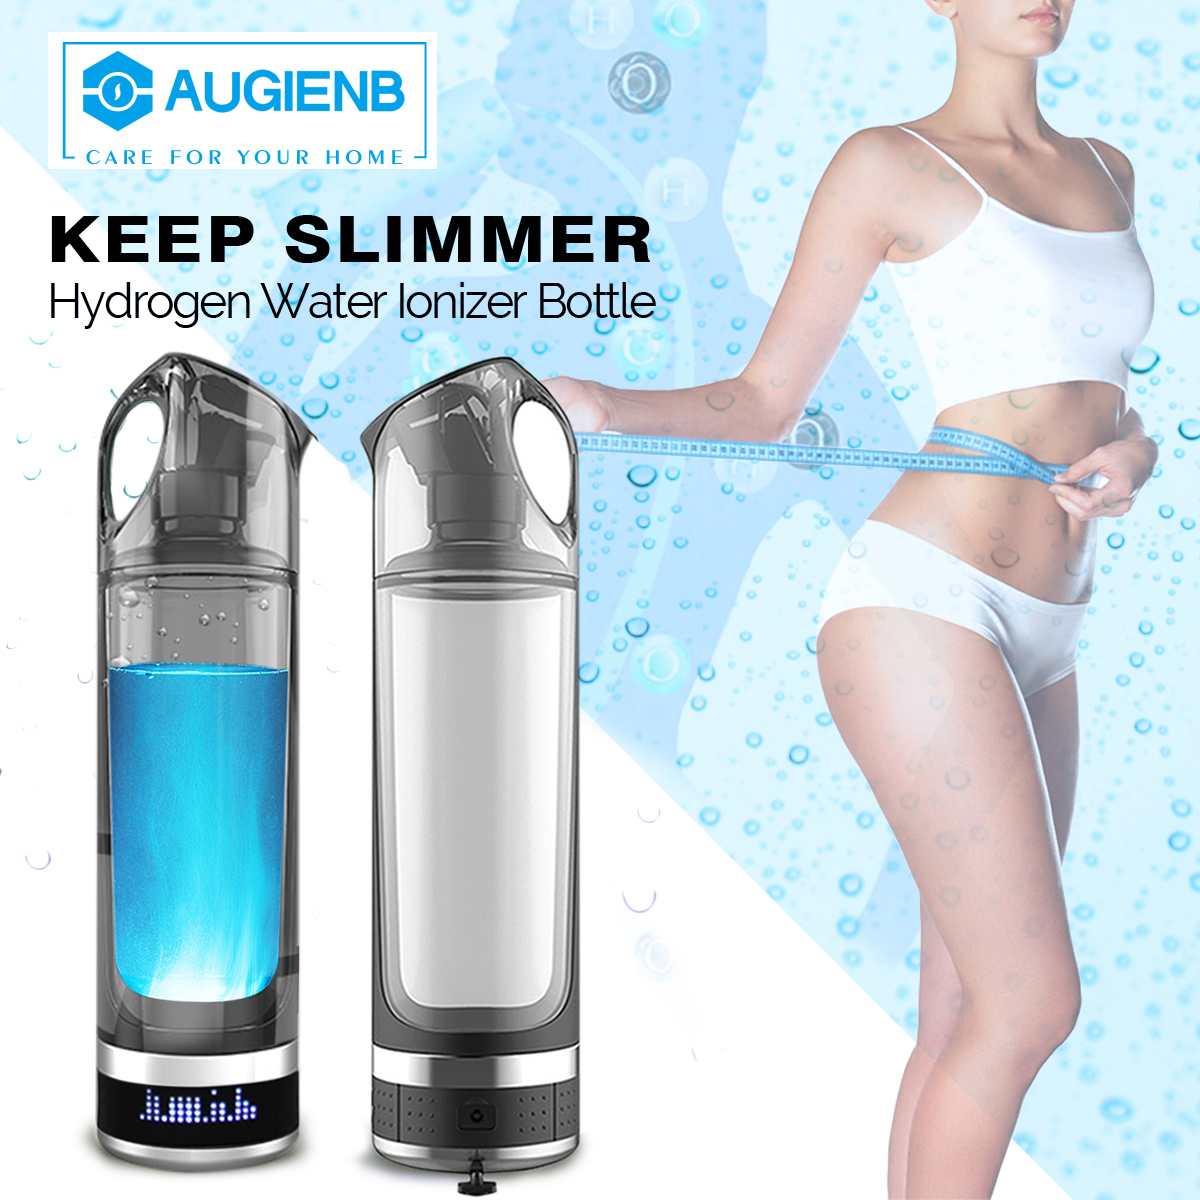 Augienb saludable Anti-envejecimiento rica en hidrógeno botella de agua de generador de 500 ML Pantalla LED de generador de hidrógeno del agua ionizador de BPA -libre